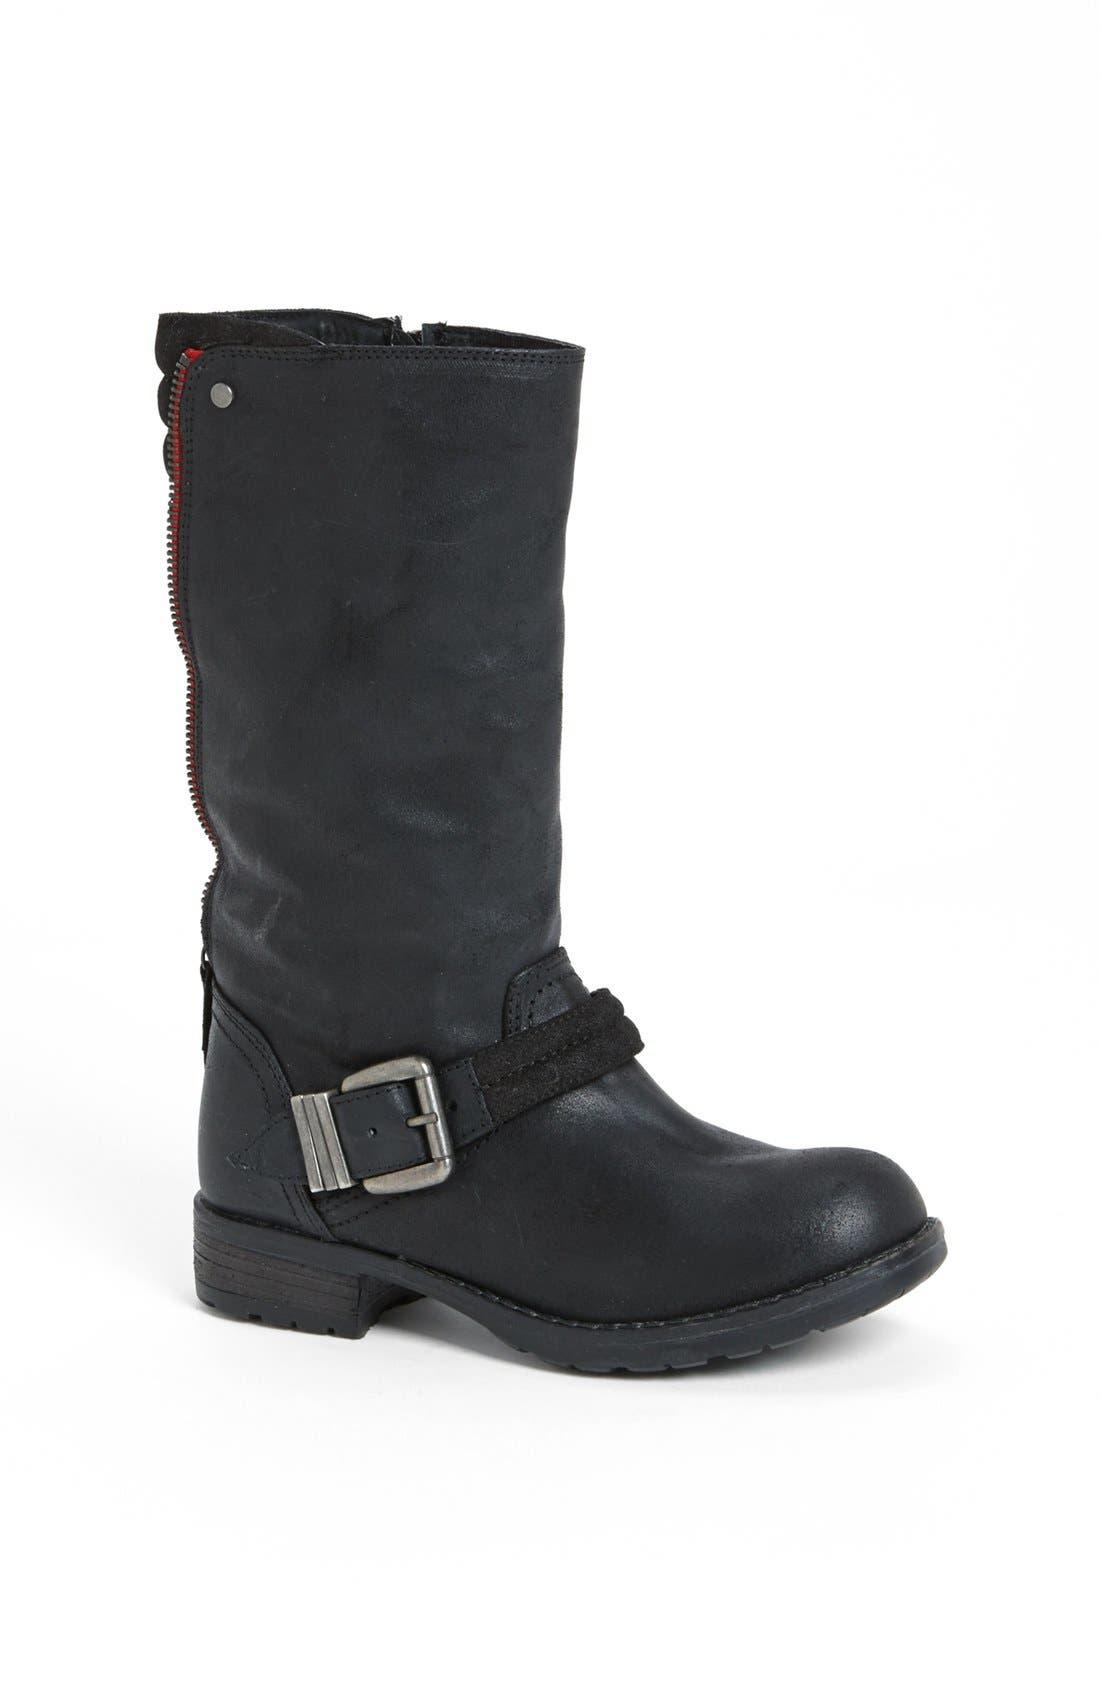 Alternate Image 1 Selected - Steve Madden 'Momentim' Leather Moto Boot